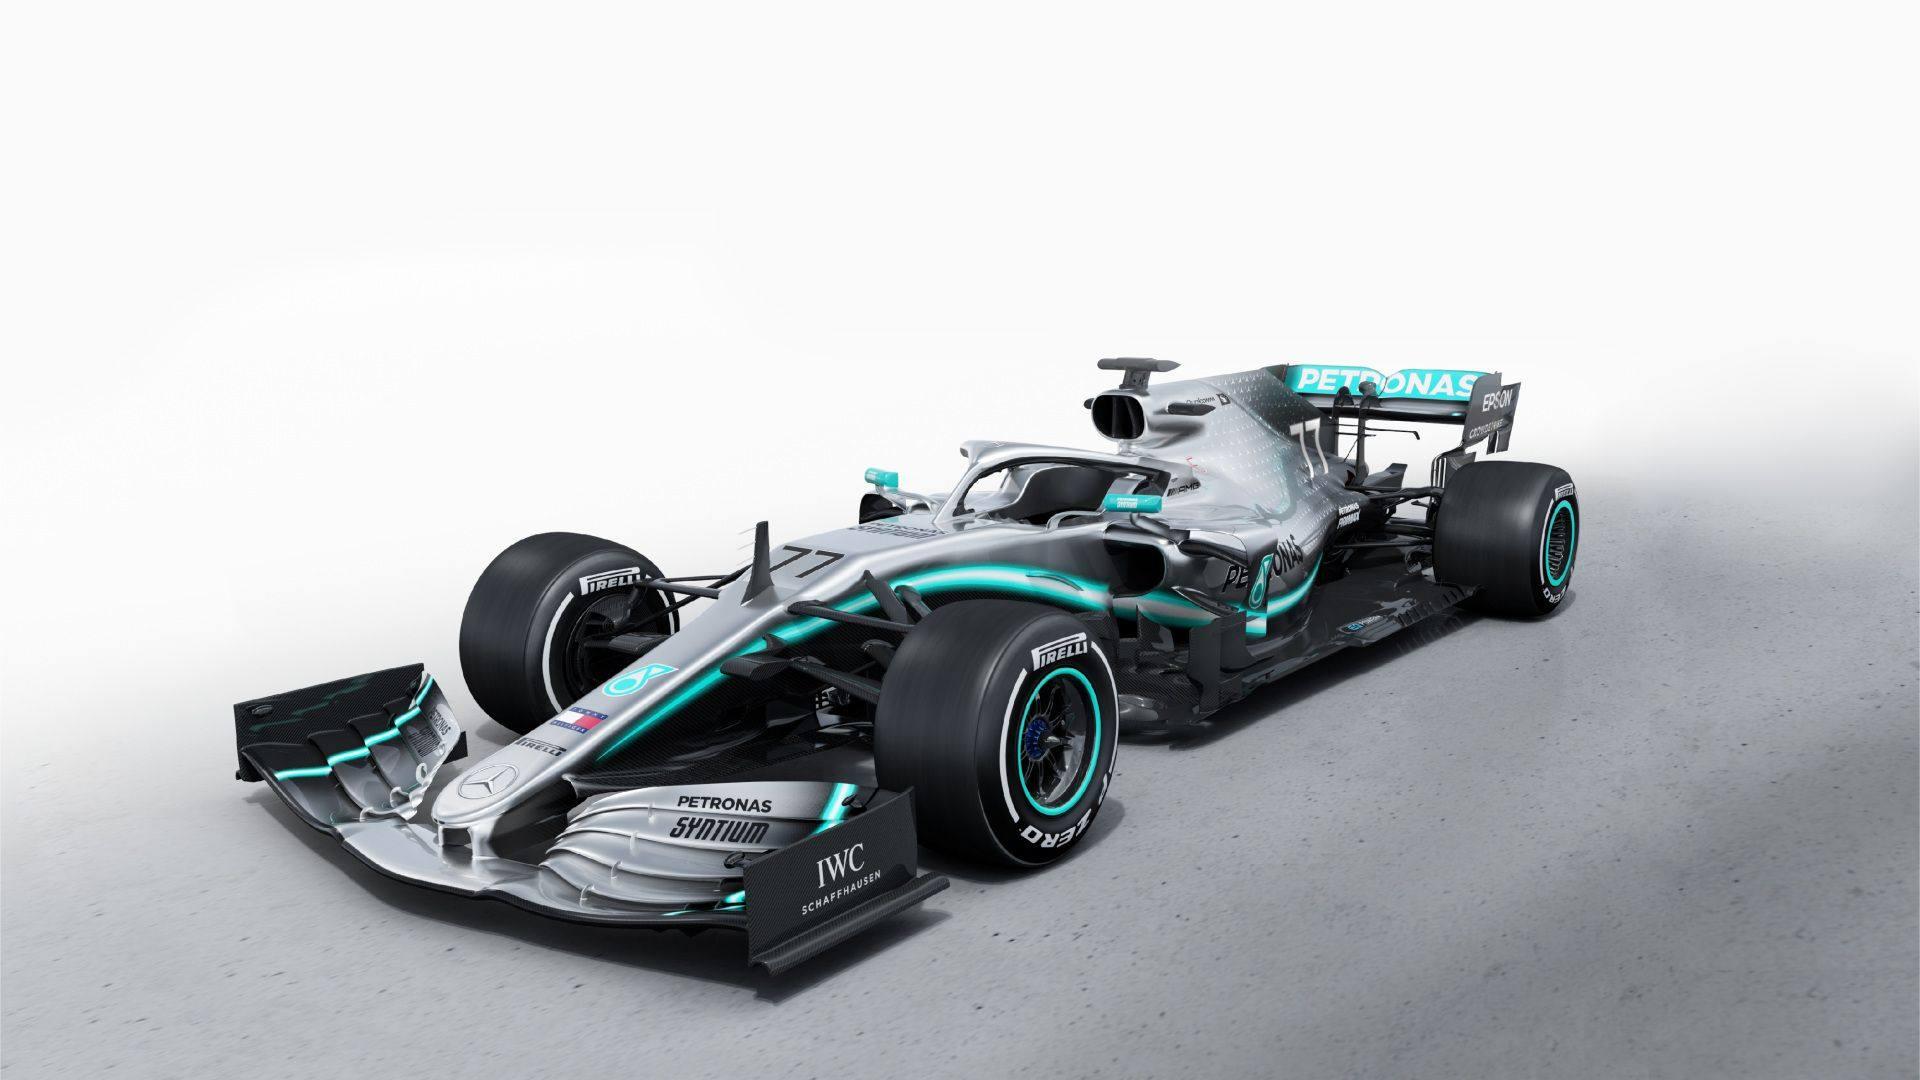 Sui profili social Mercedes sono comparse le foto della nuova monoposto, la W10